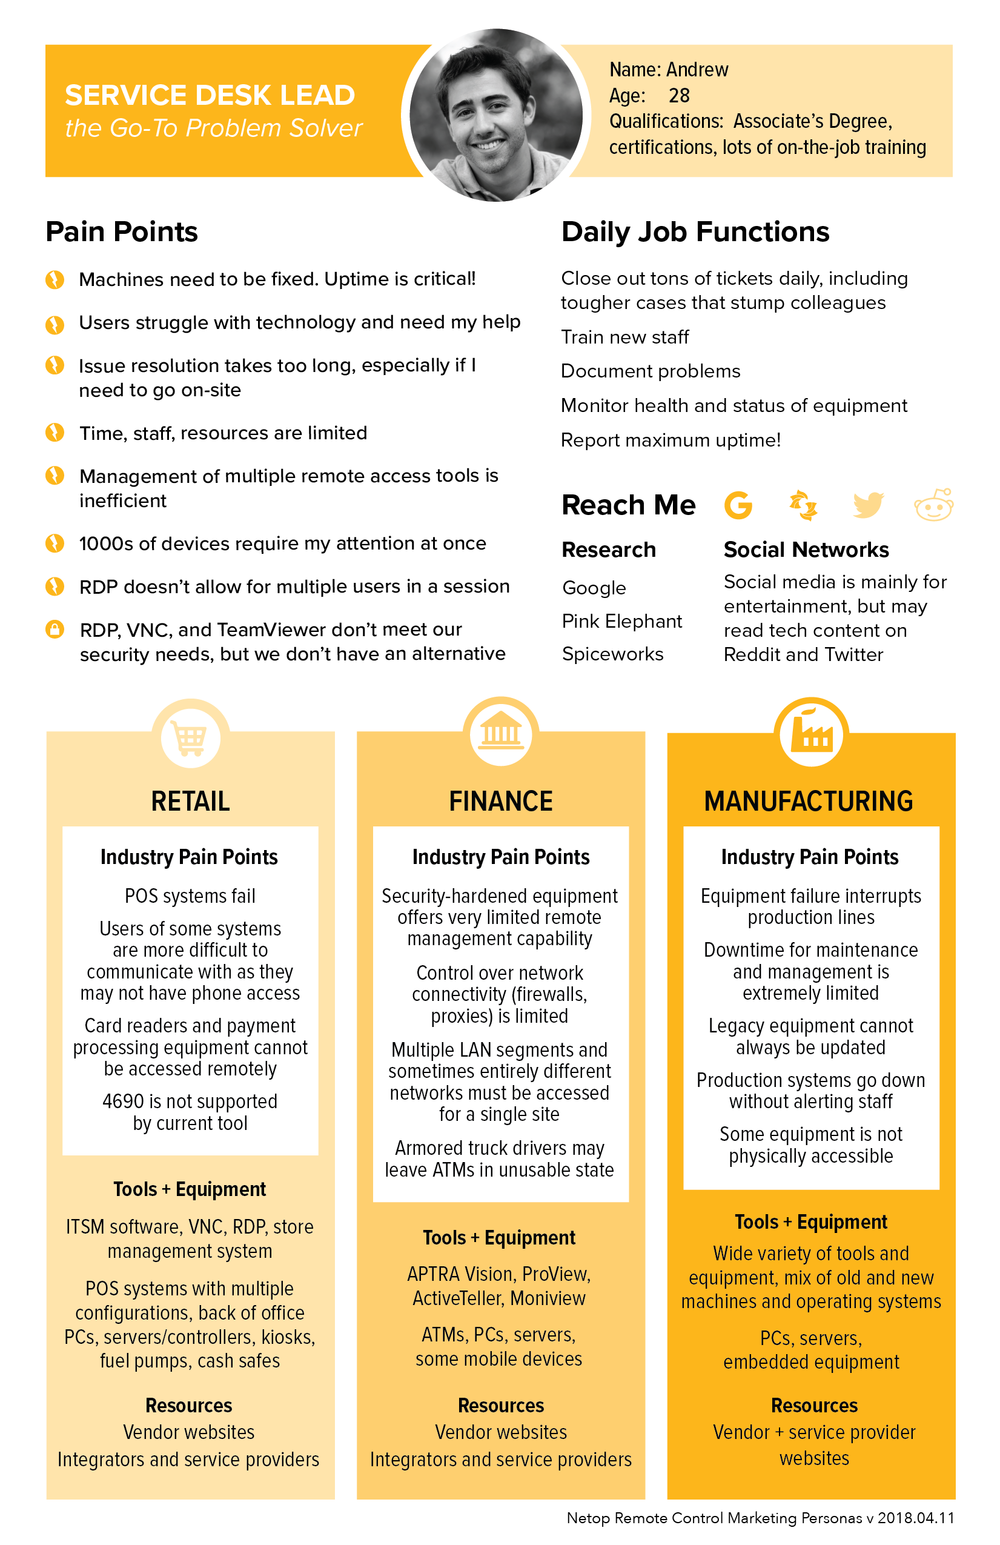 NRC-MarketingPersonas-11x17-20180411-02.png